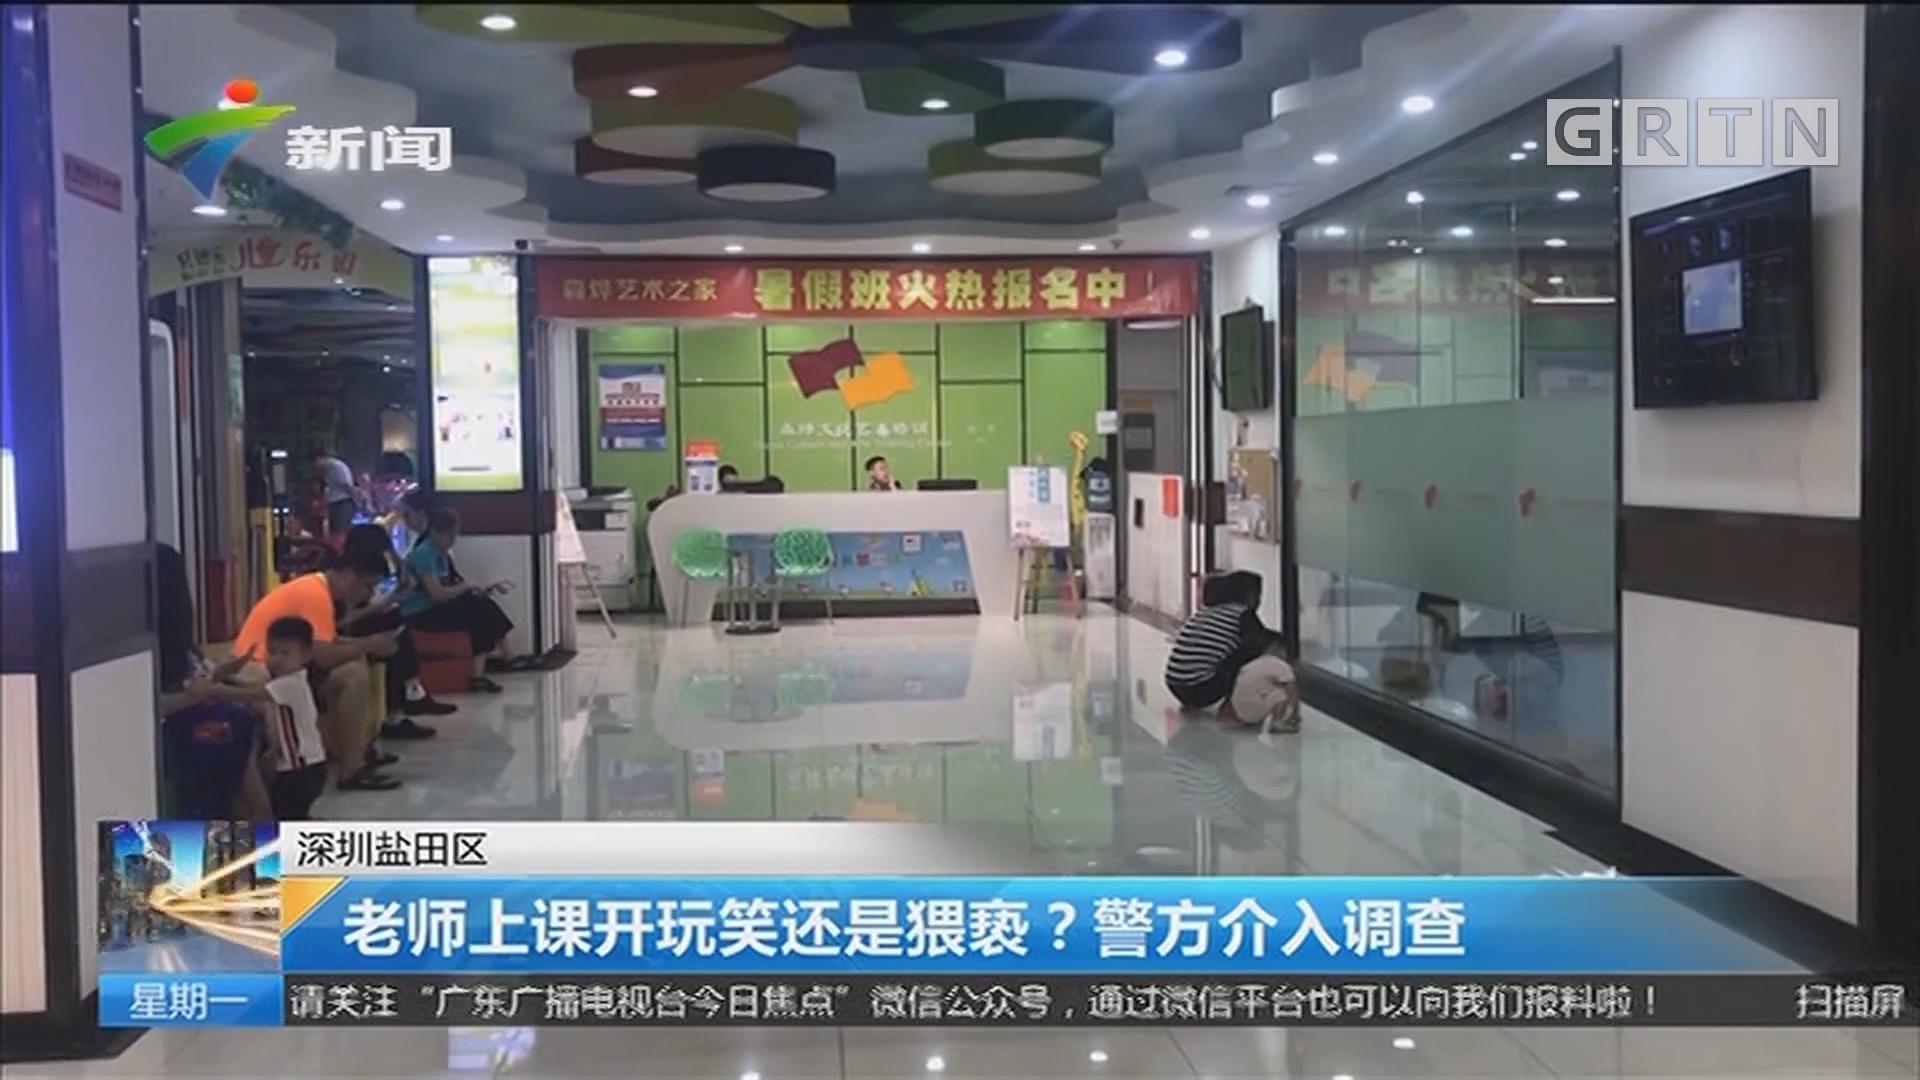 深圳盐田区:老师上课开玩笑还是猥亵?警方介入调查